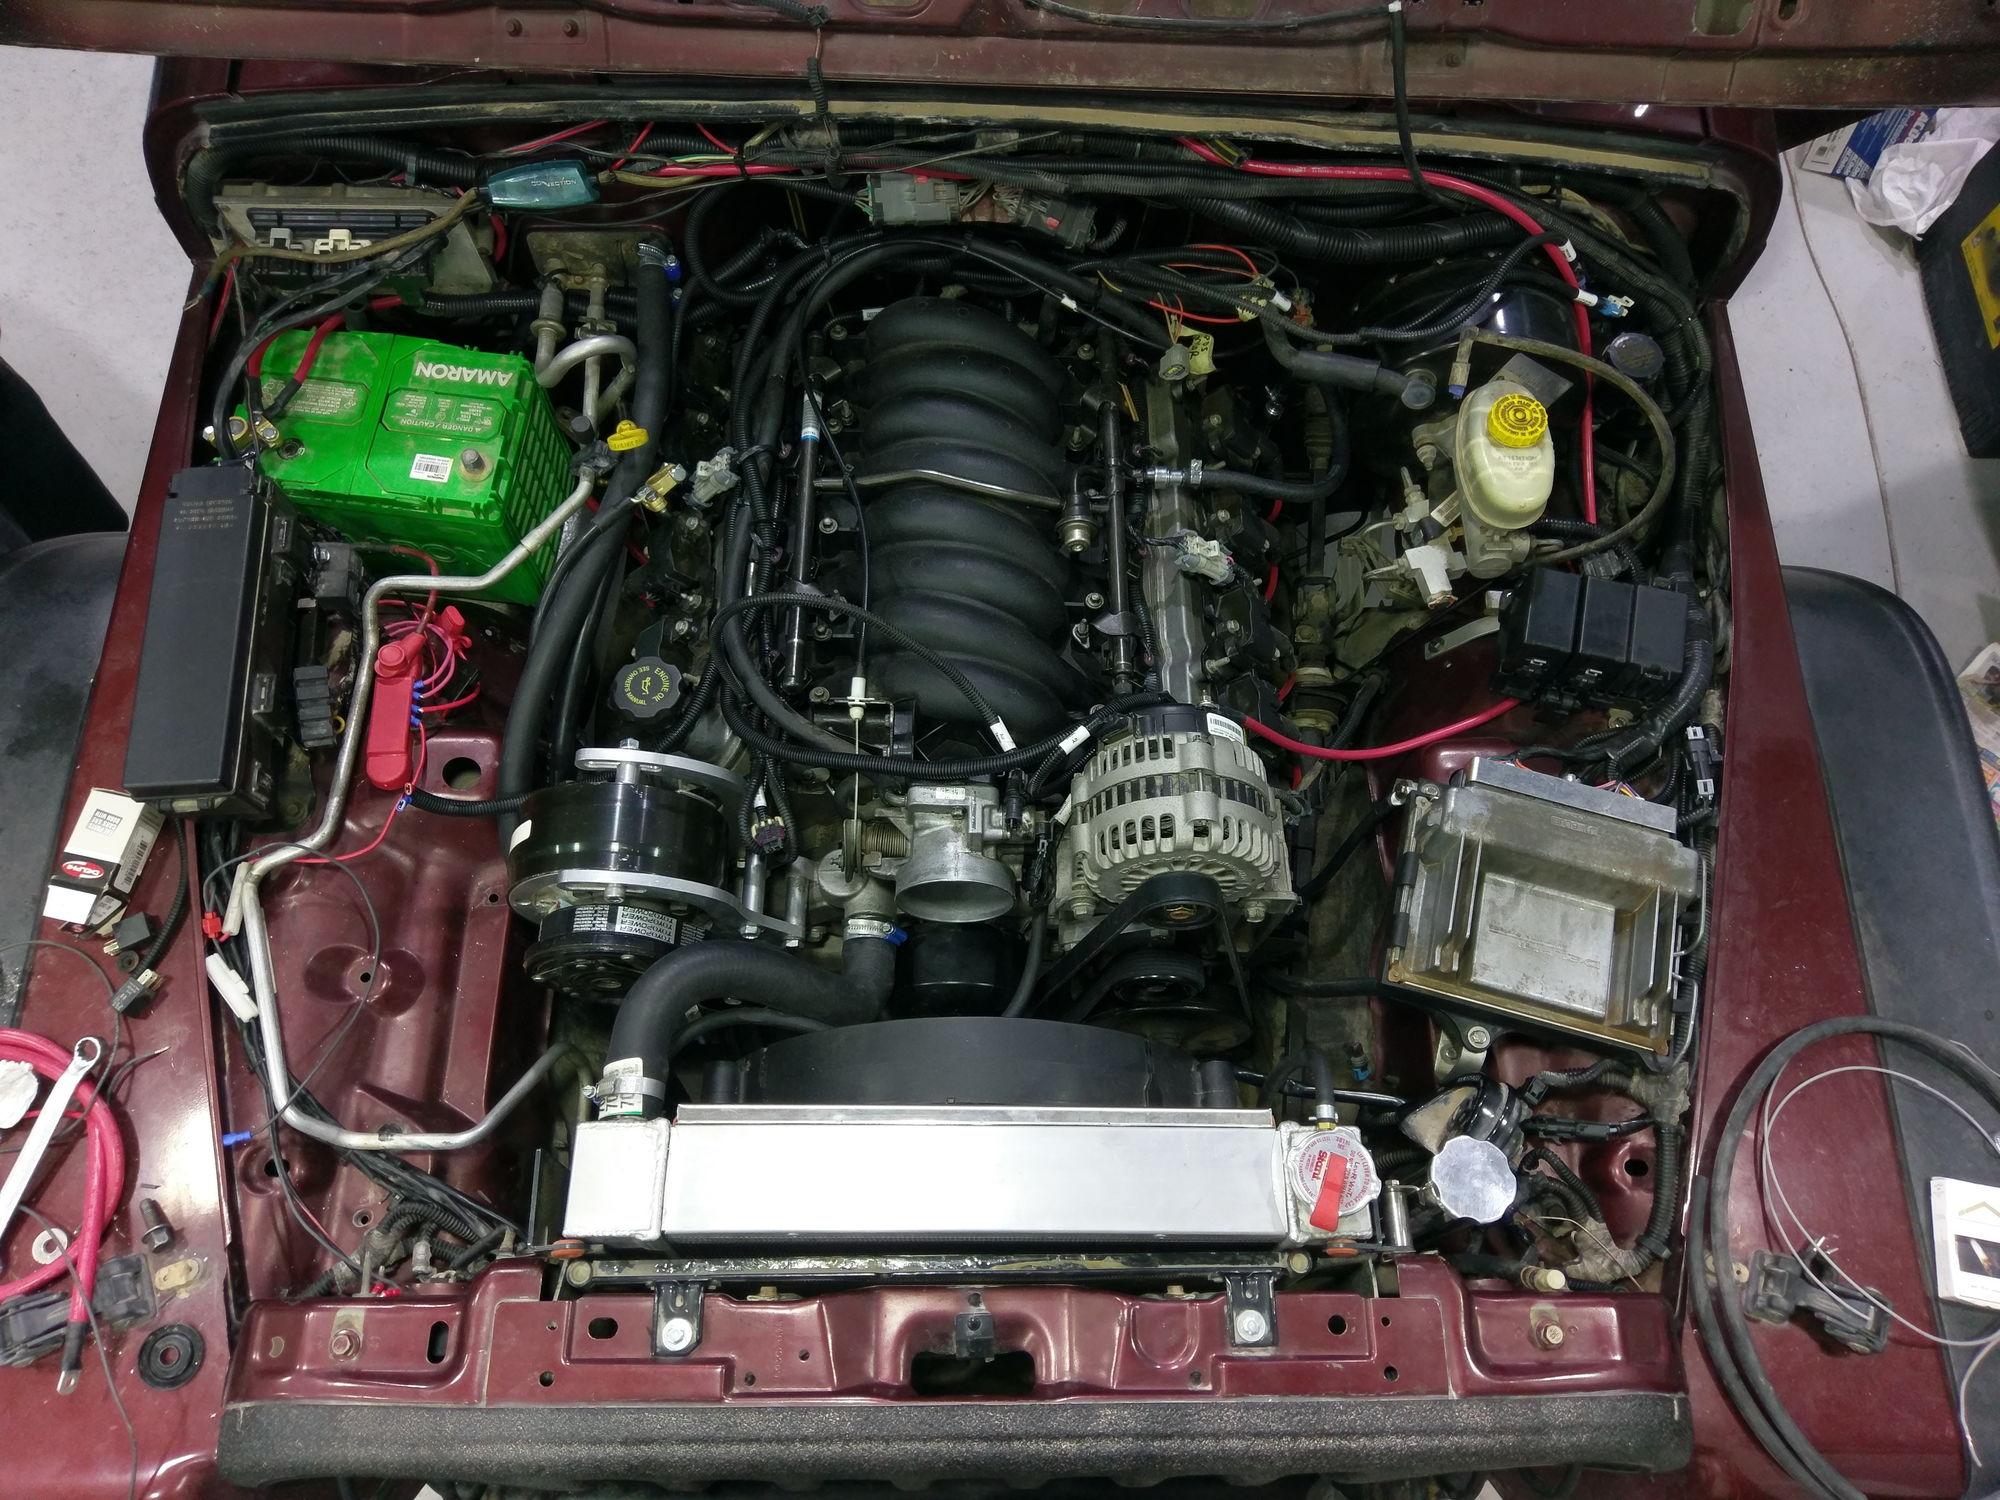 2001 Jeep Wrangler 5 7 Ls1 Swap - Ls1tech